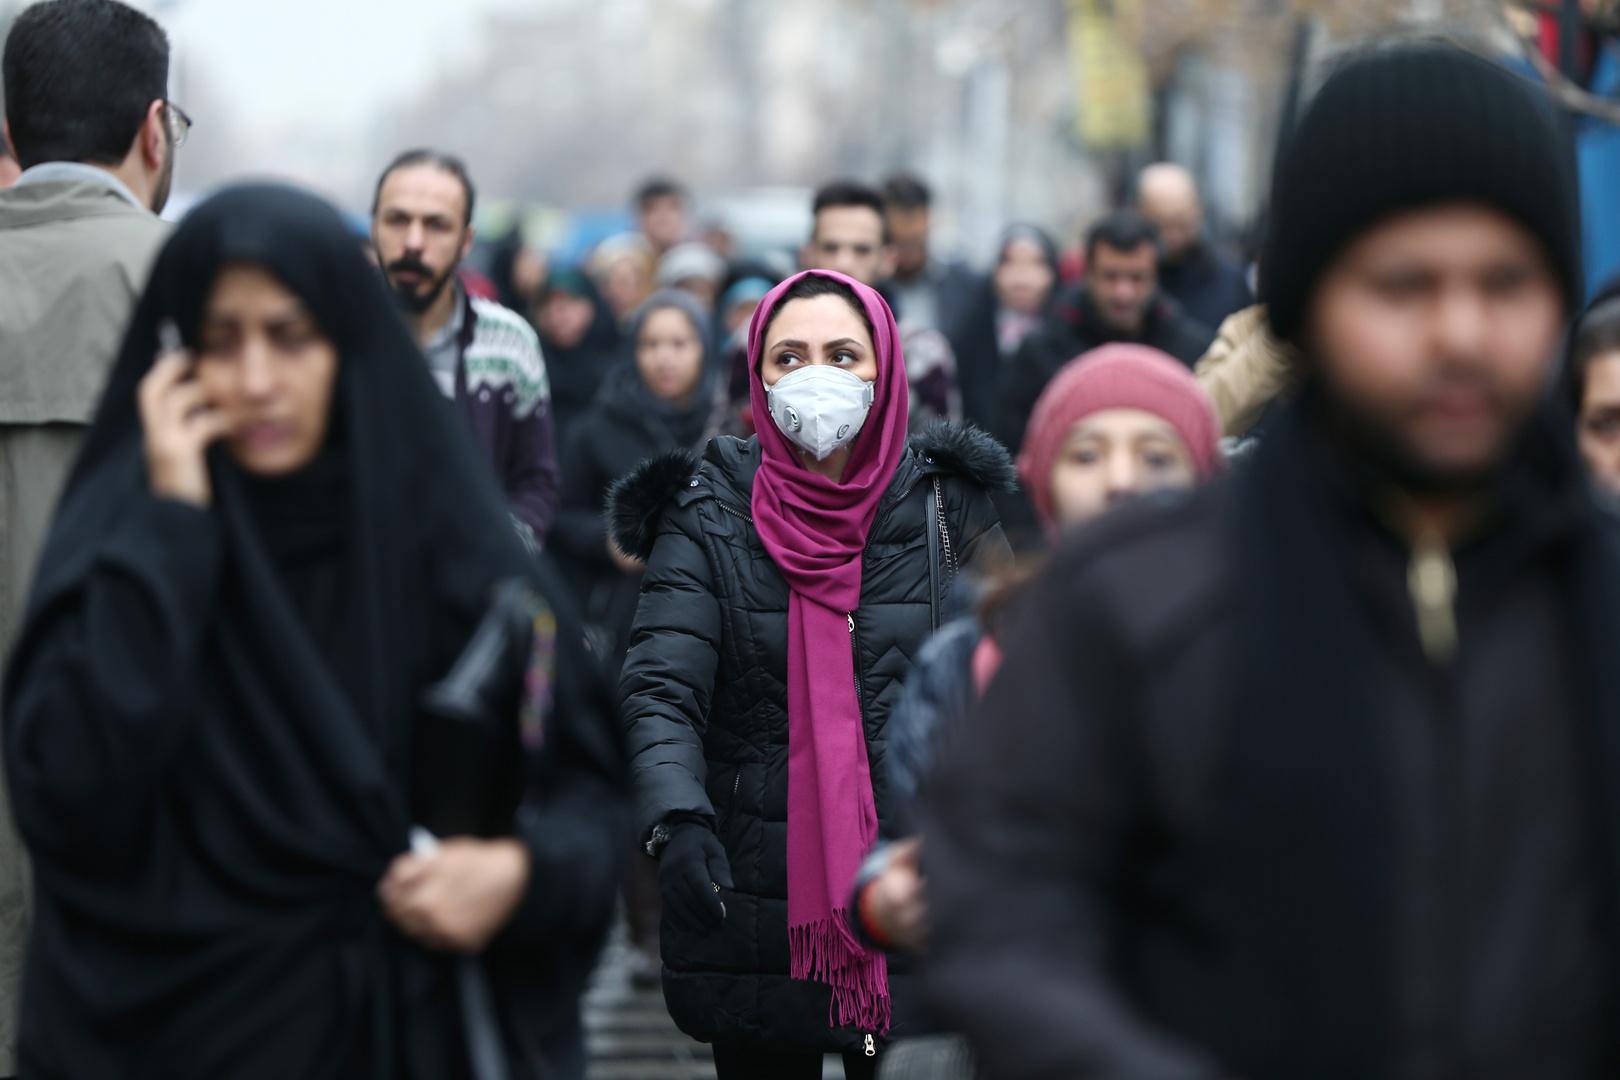 واشنطن: حكومة إيران تتحمل المسؤولية عن انتشار كورونا في أراضيها